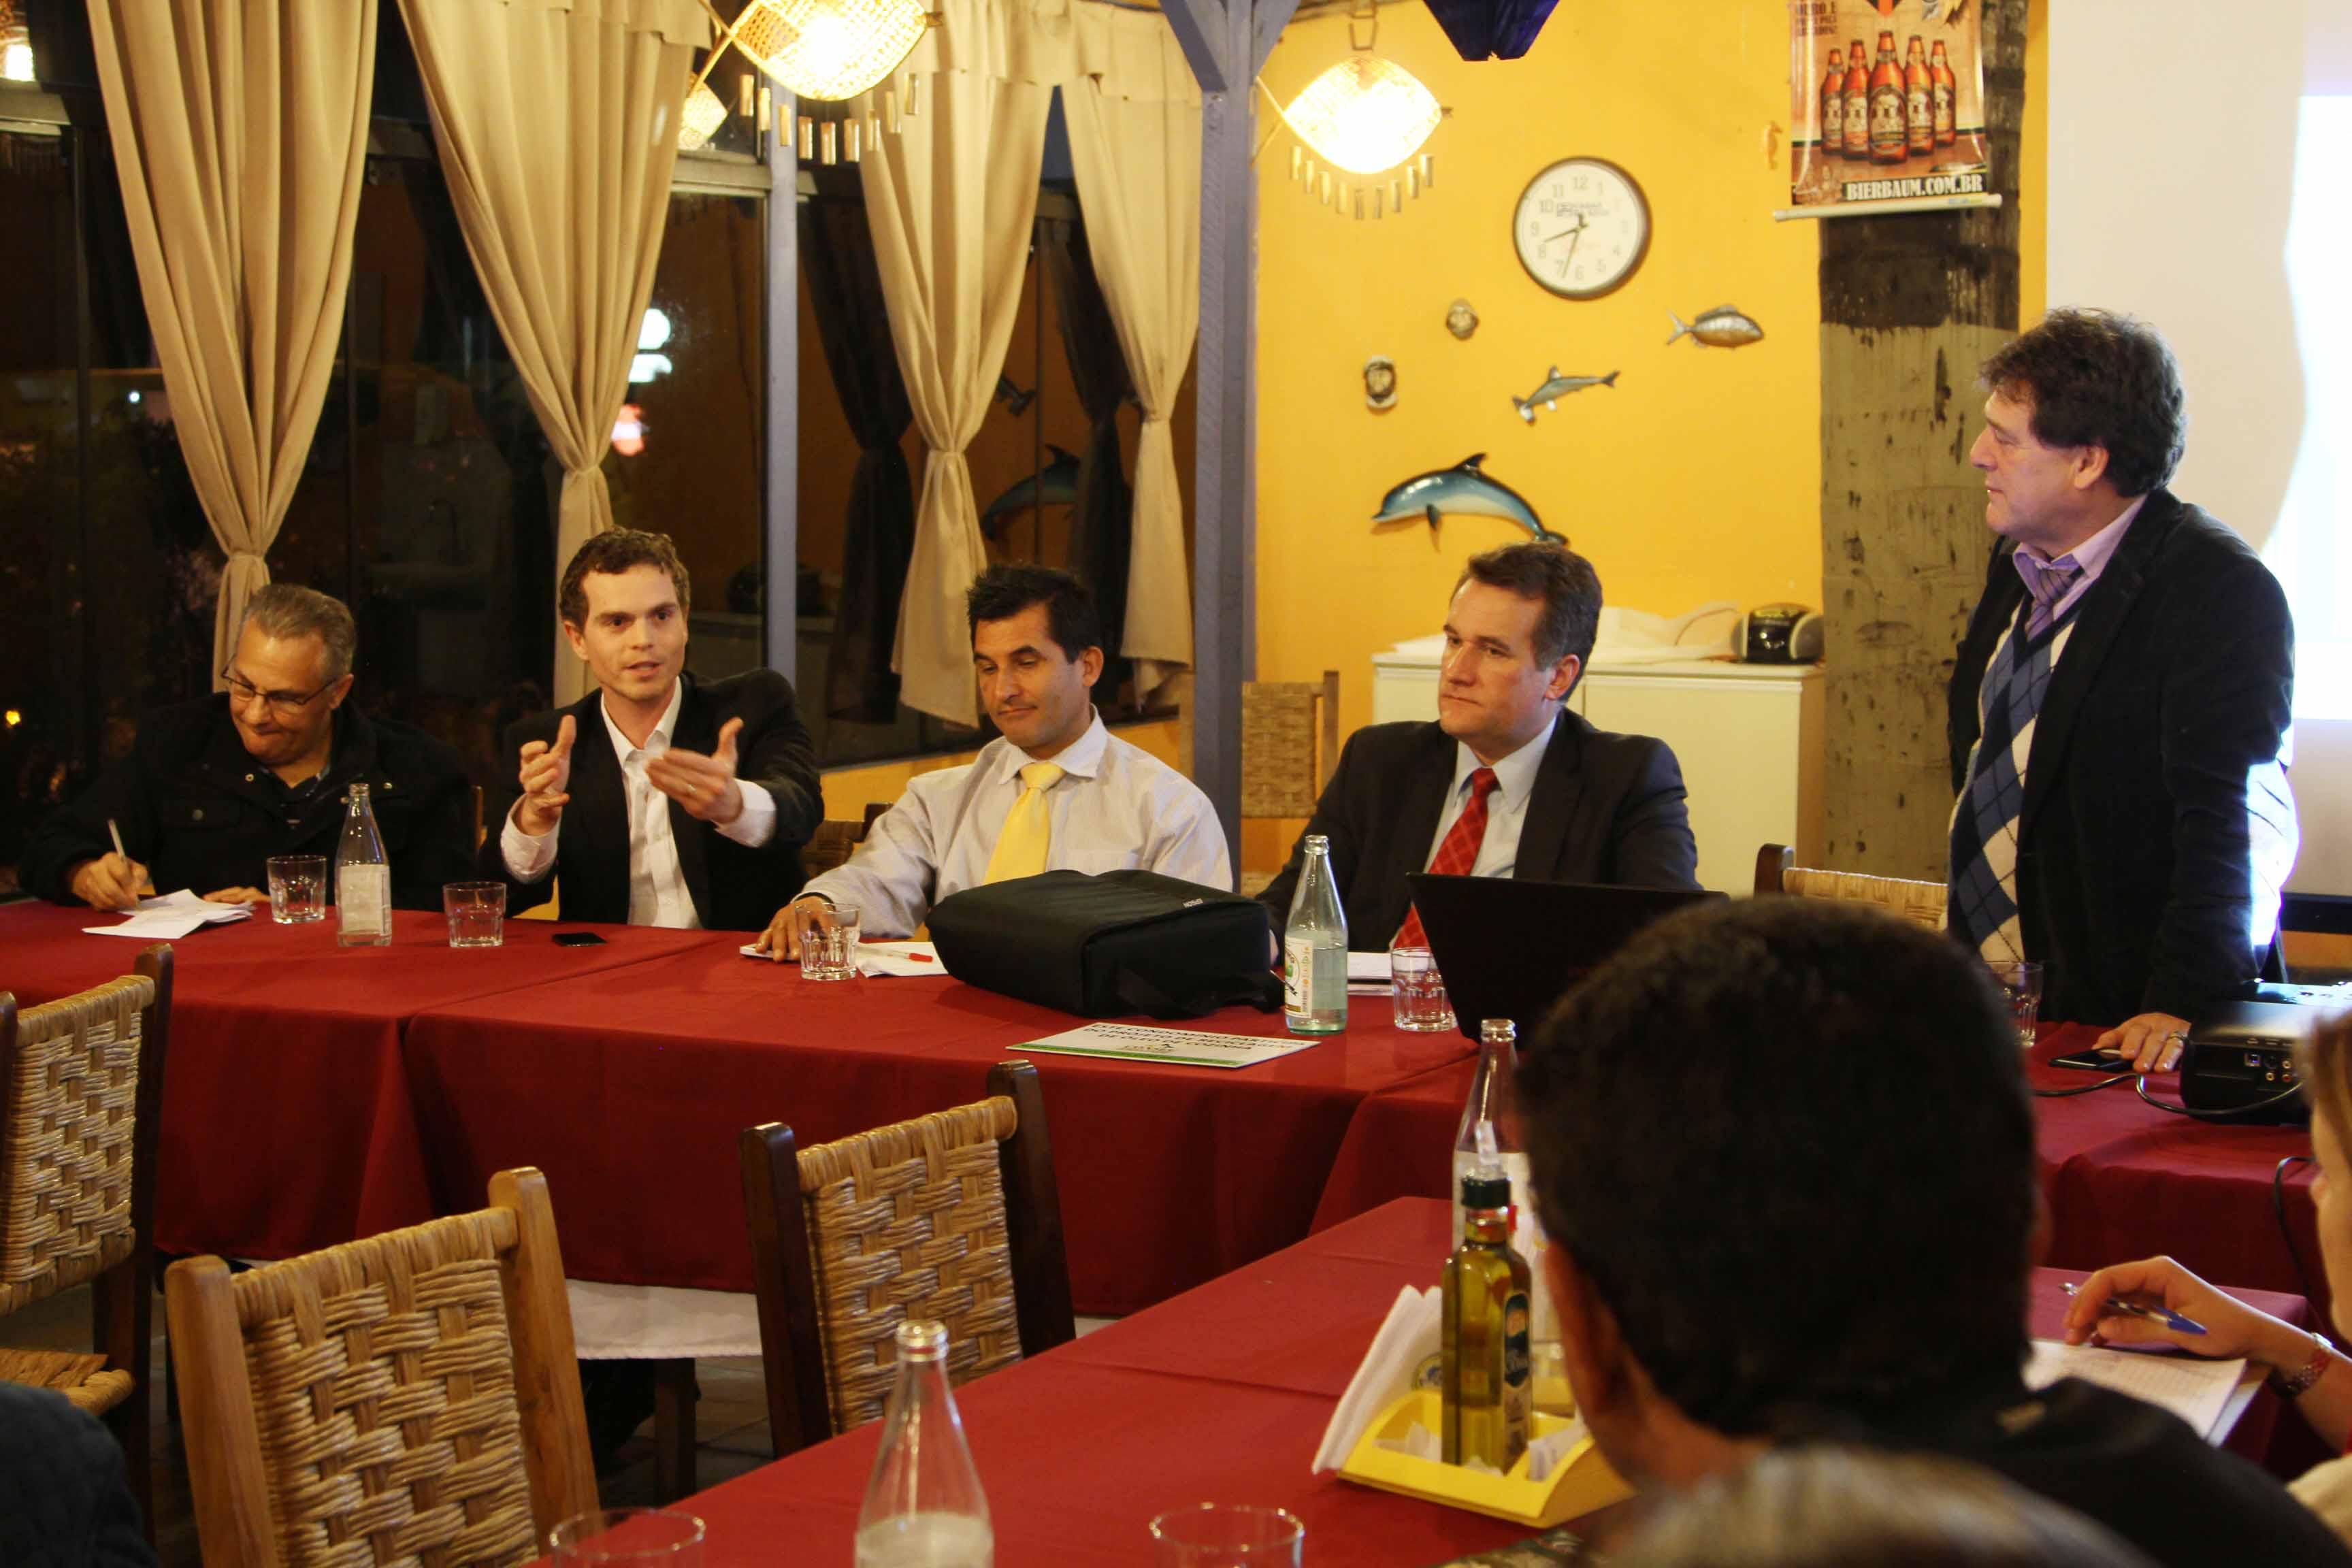 Bruno Pessuti participa de reunião no Conselho de Segurança do bairro Água Verde - Bruno Pessuti